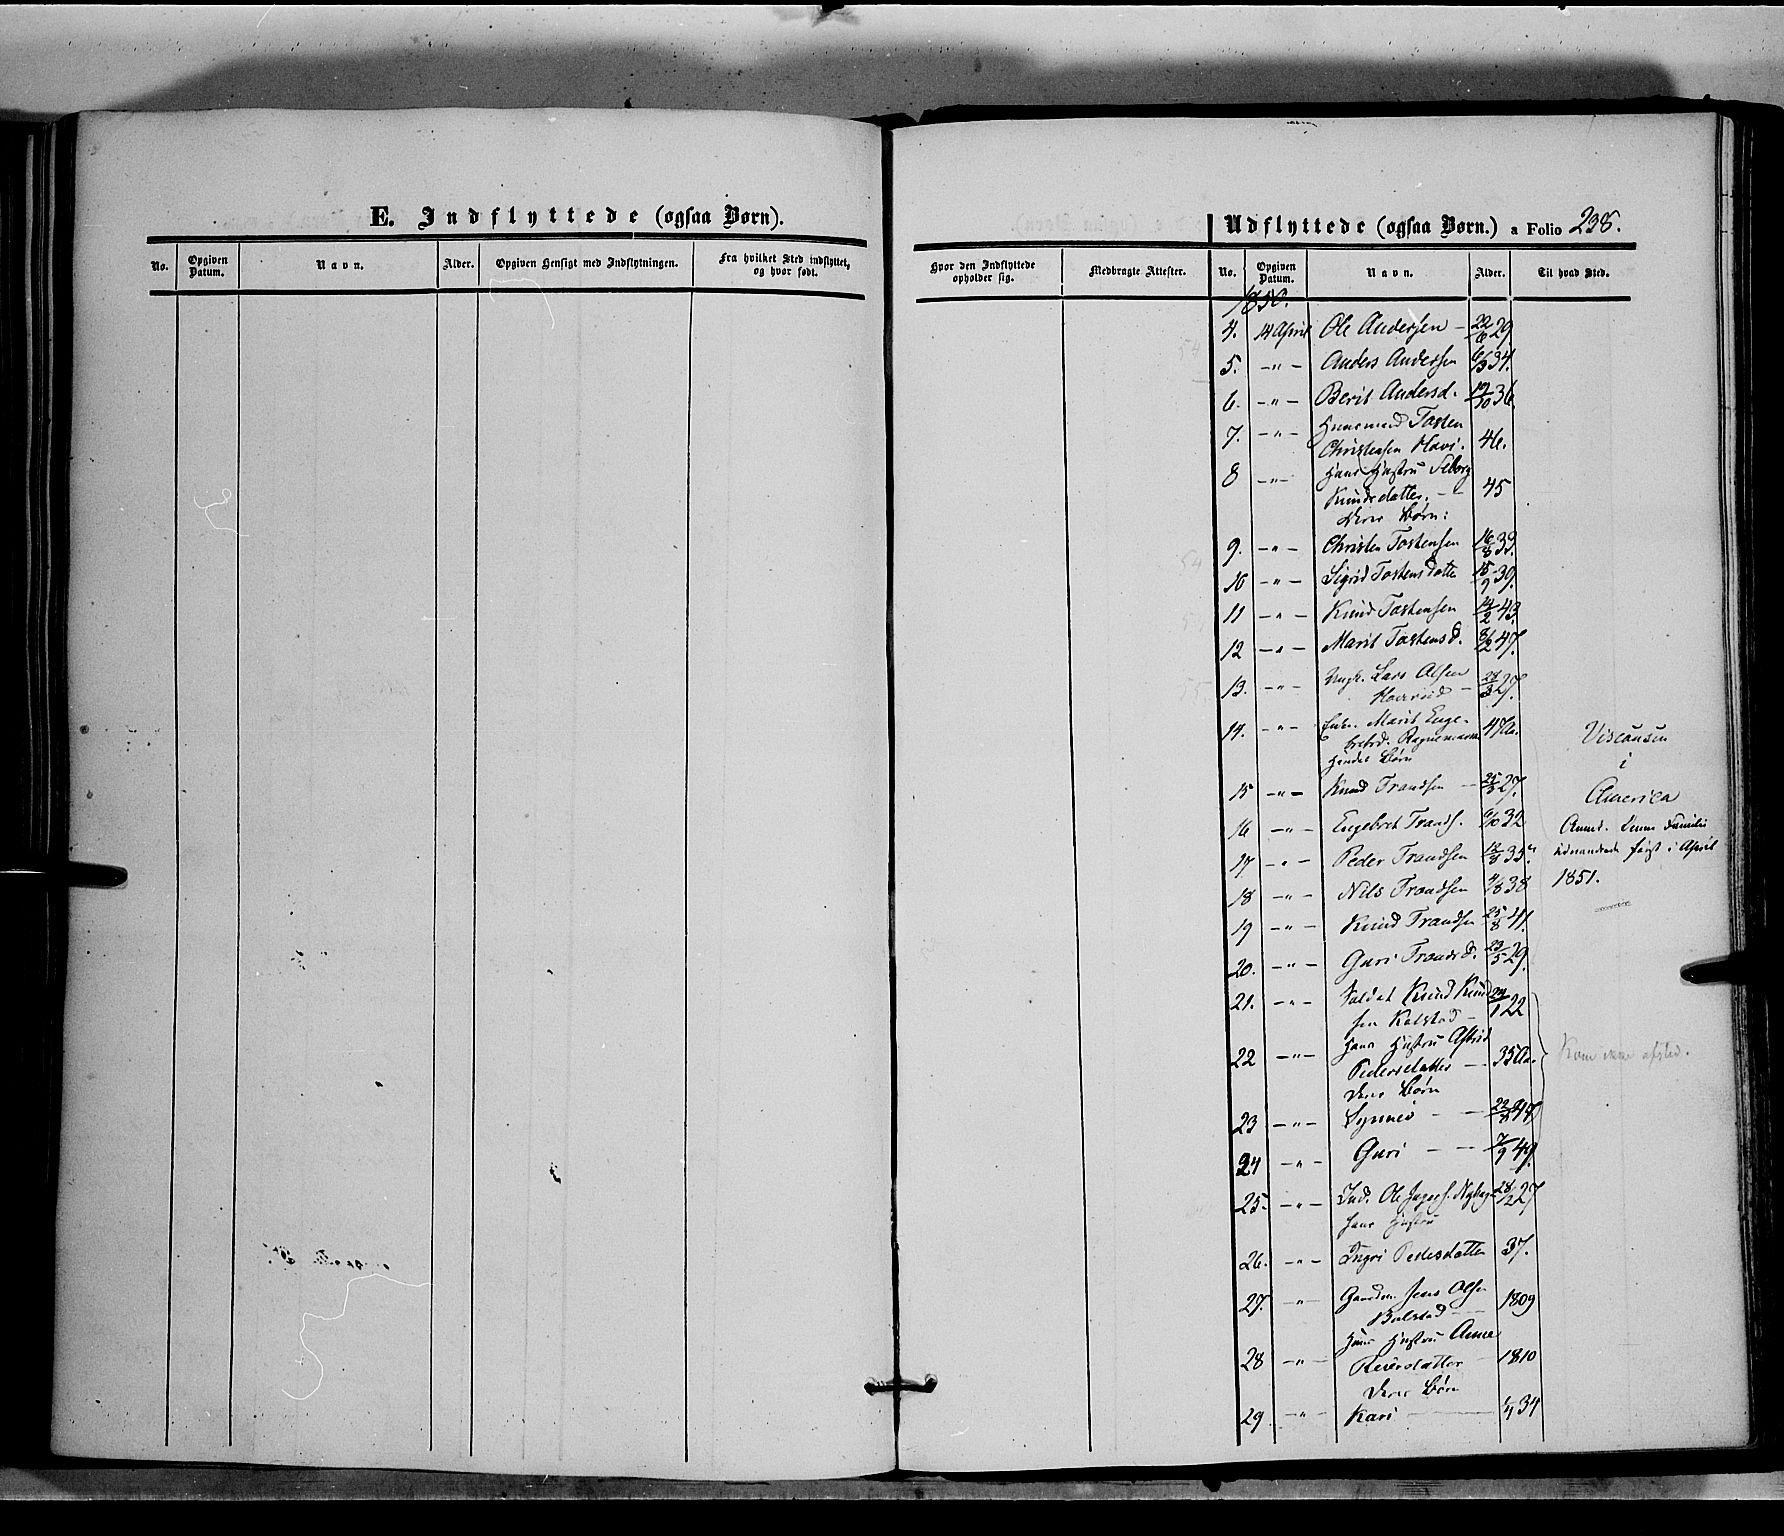 SAH, Øystre Slidre prestekontor, Ministerialbok nr. 1, 1849-1874, s. 238